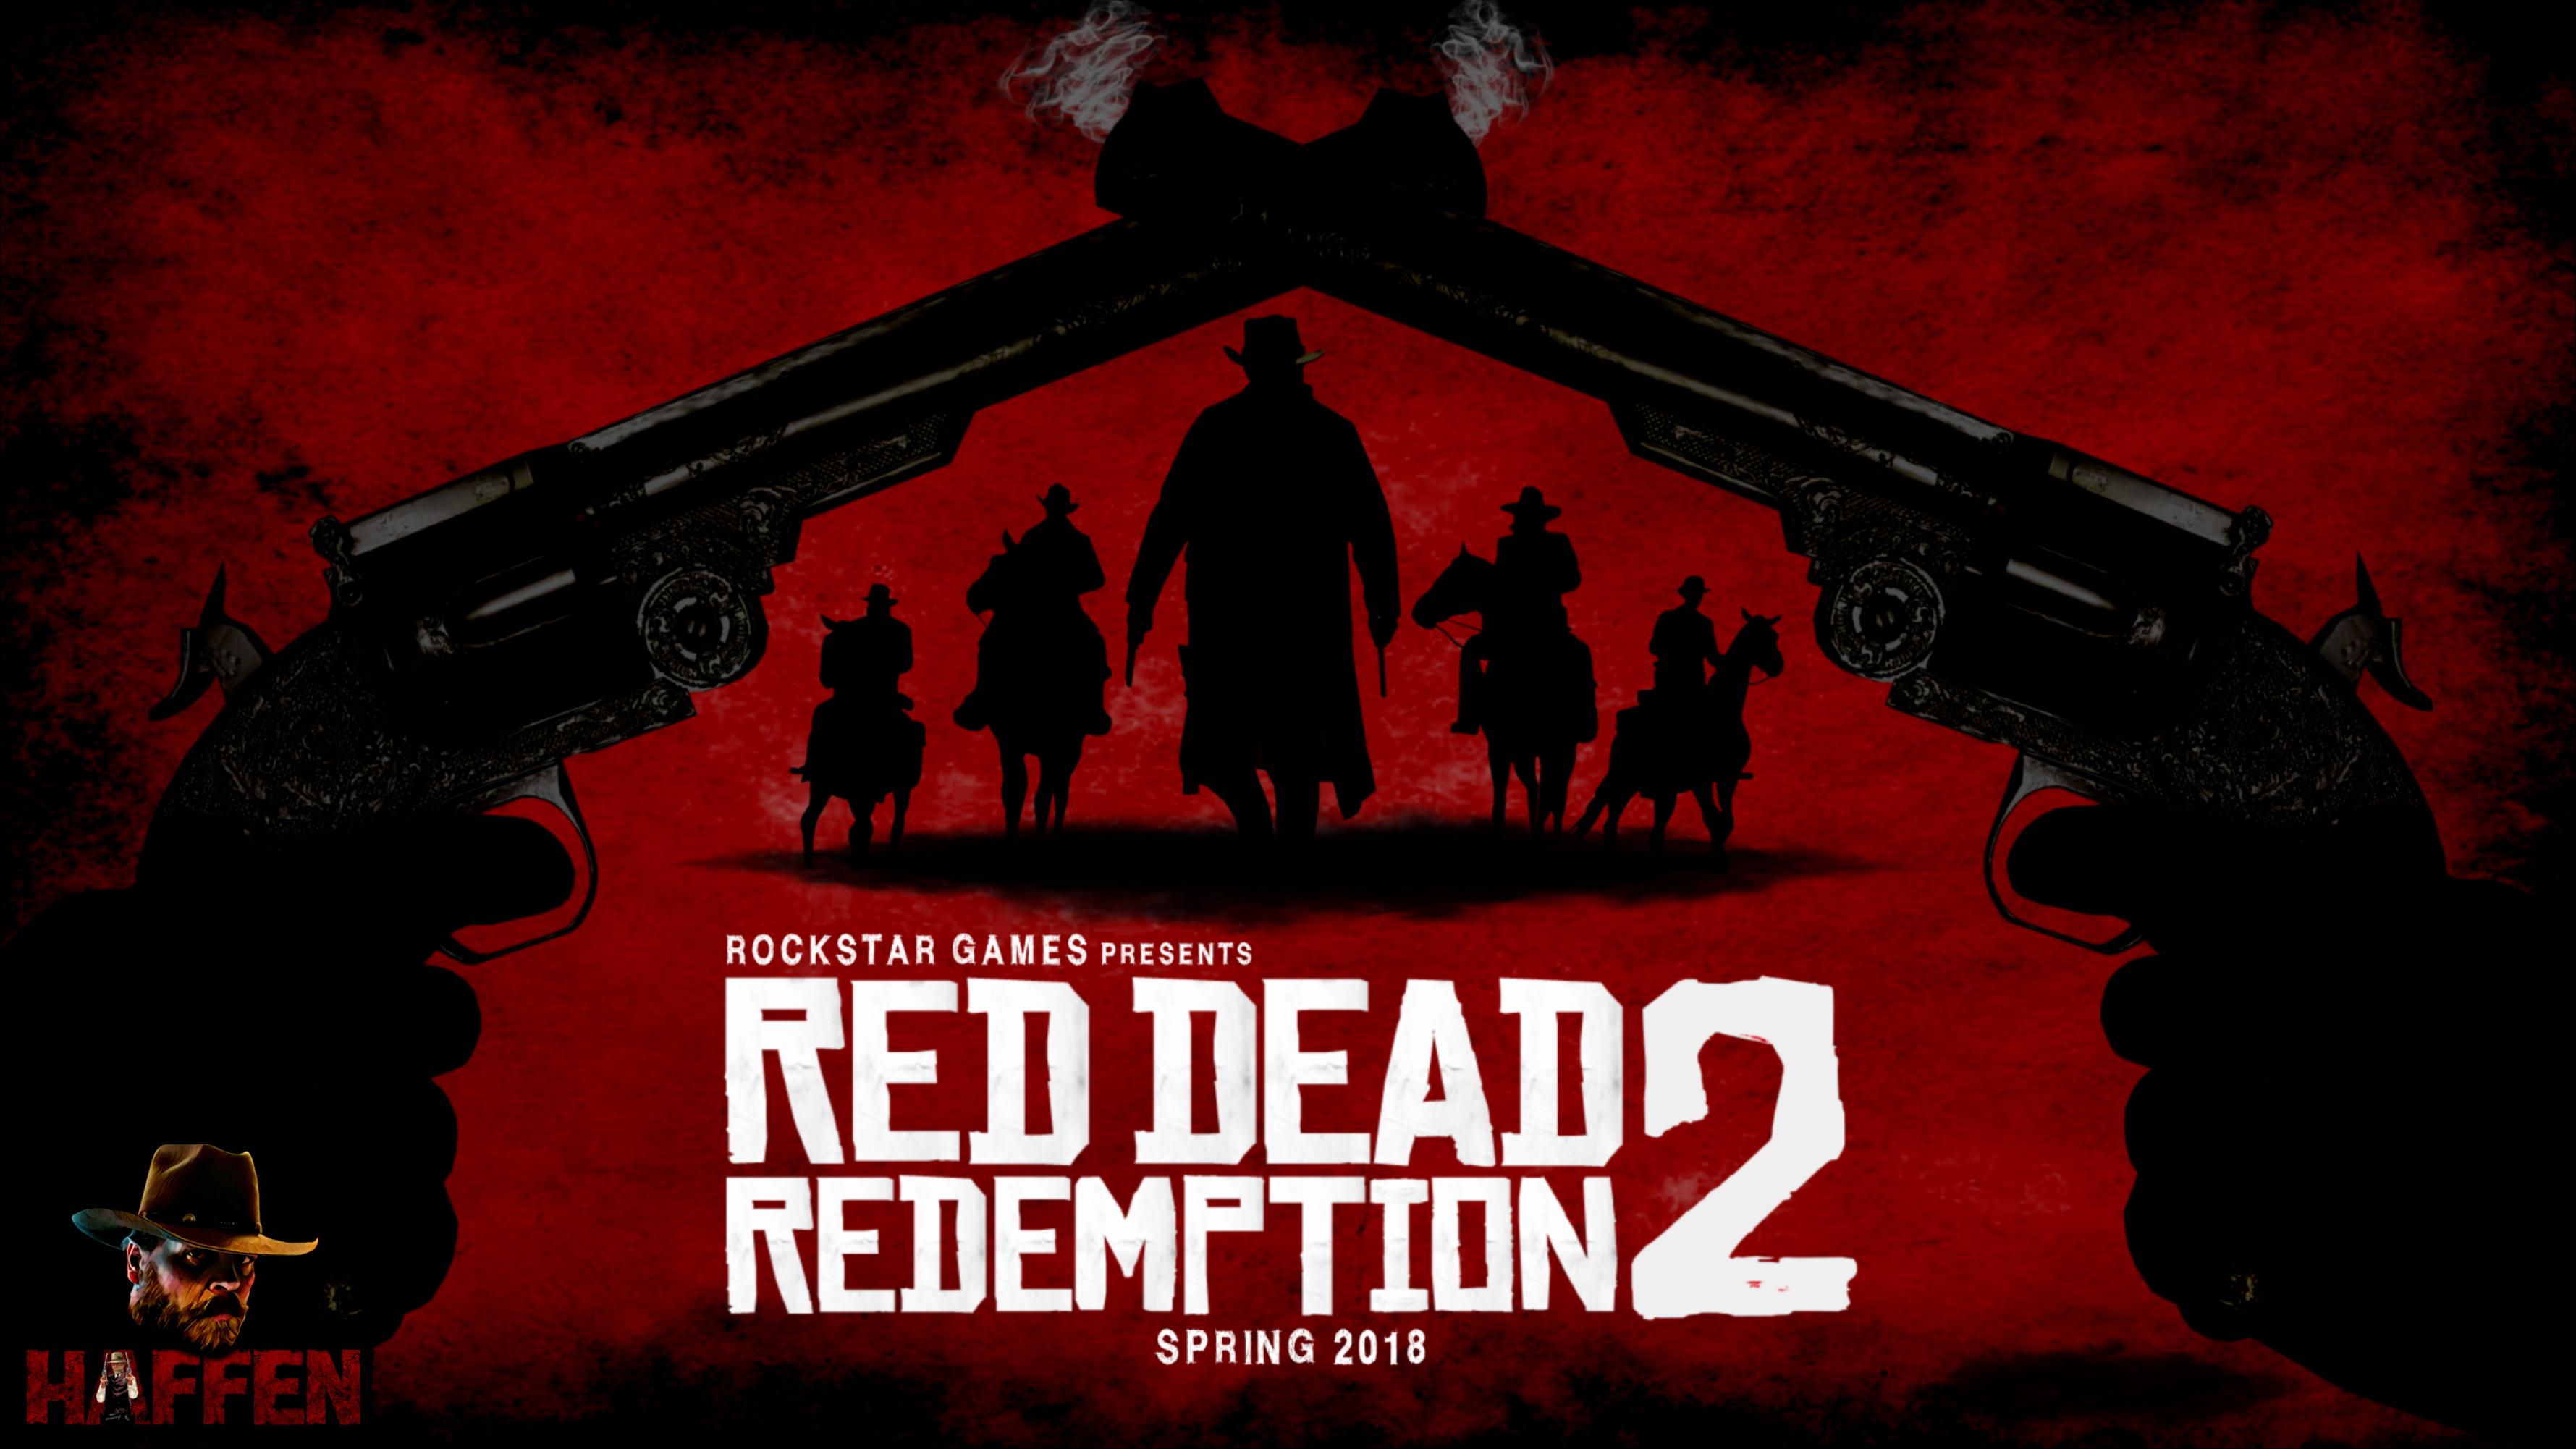 Red dead Redemption 2 Spring 2018 fan art by Haffen7